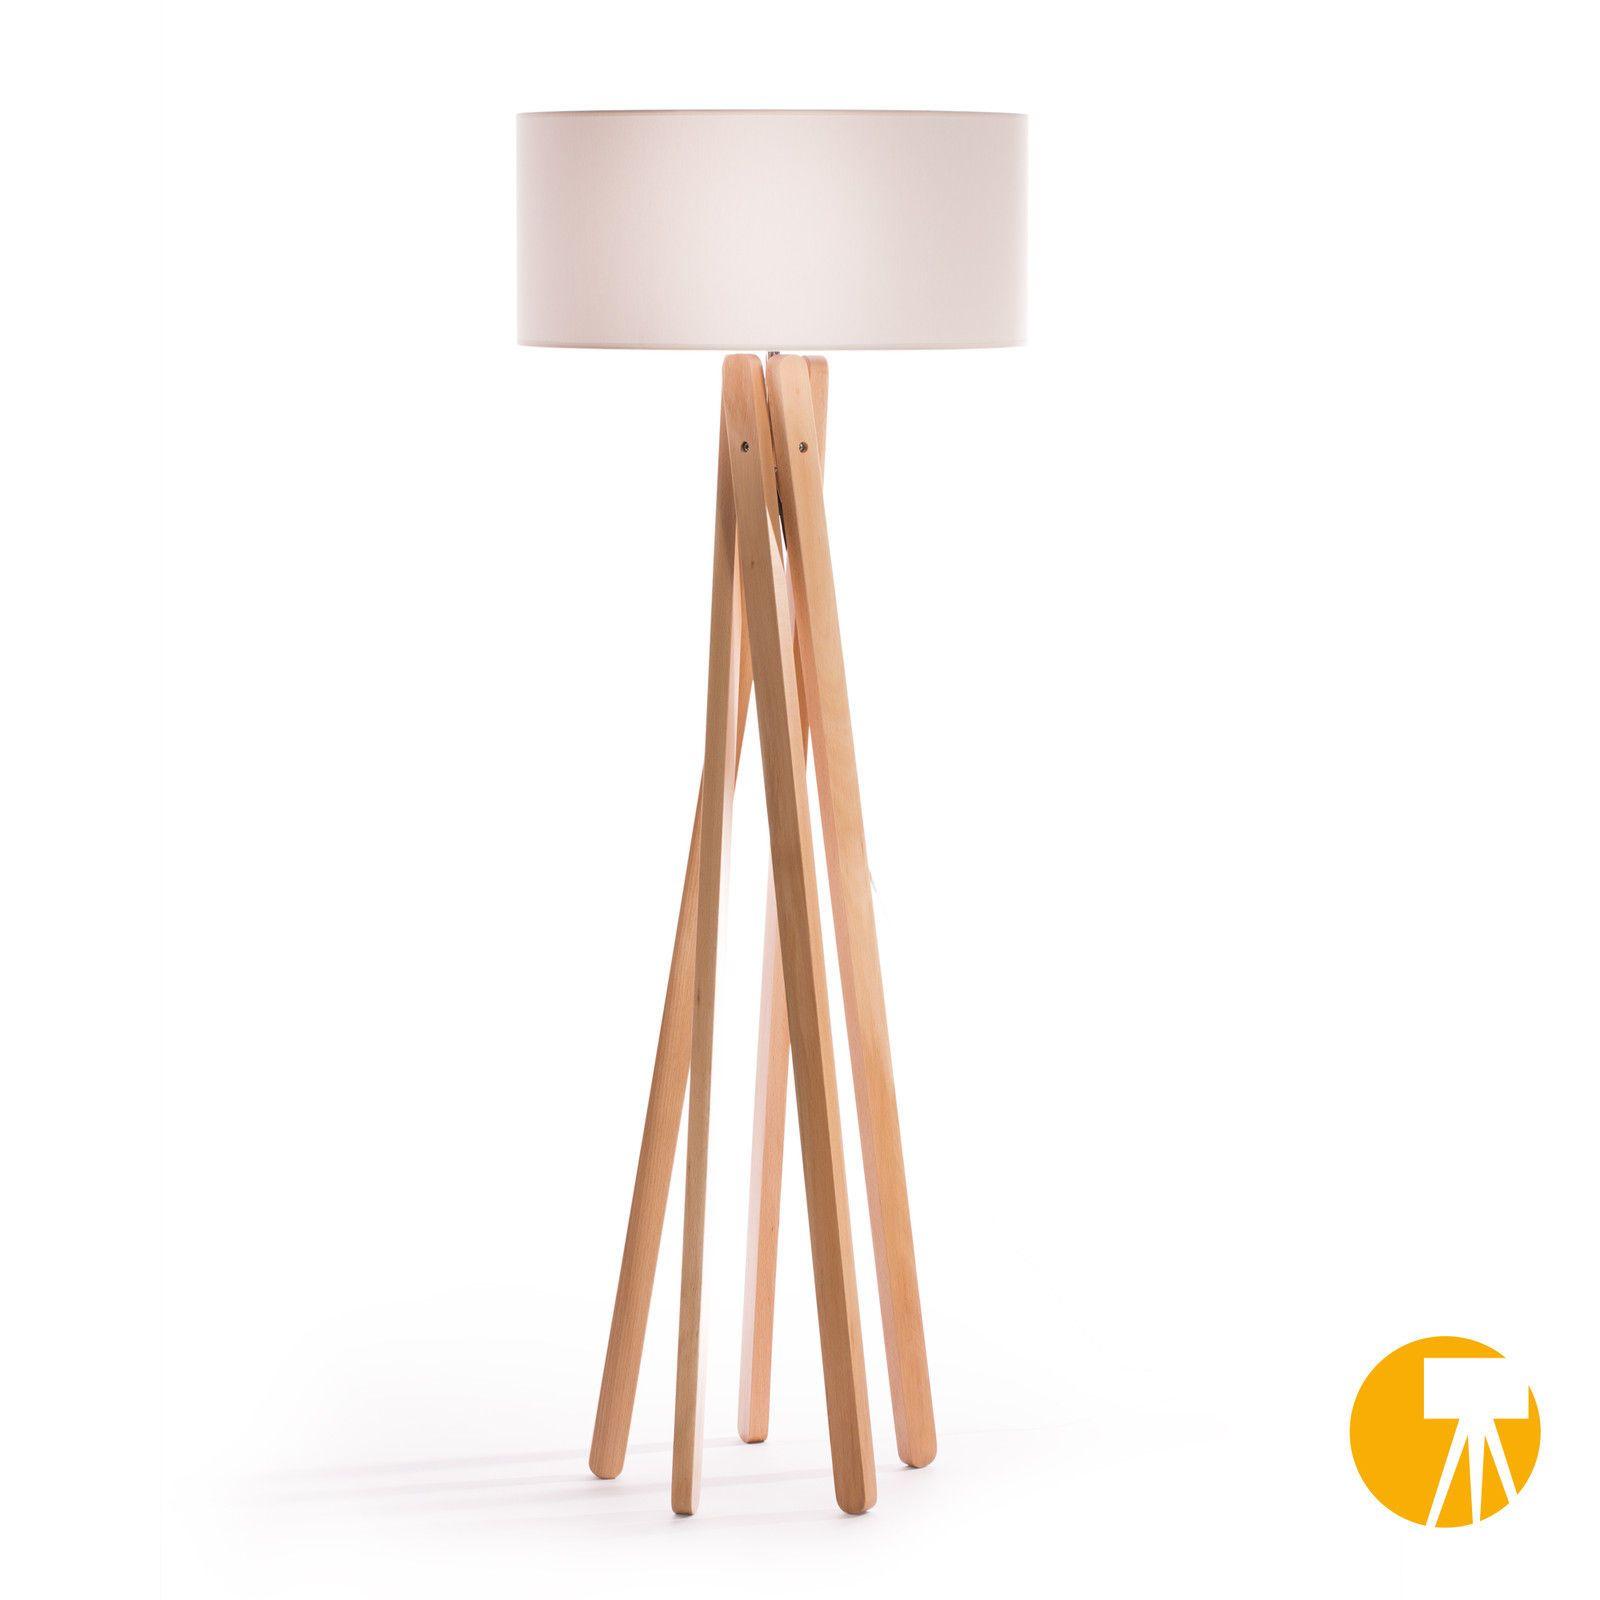 Design stehlampe tripod leuchte buche holz lampe h 160cm stativ stehleuchte wei for sale eur - Wohnzimmer lampe holz ...